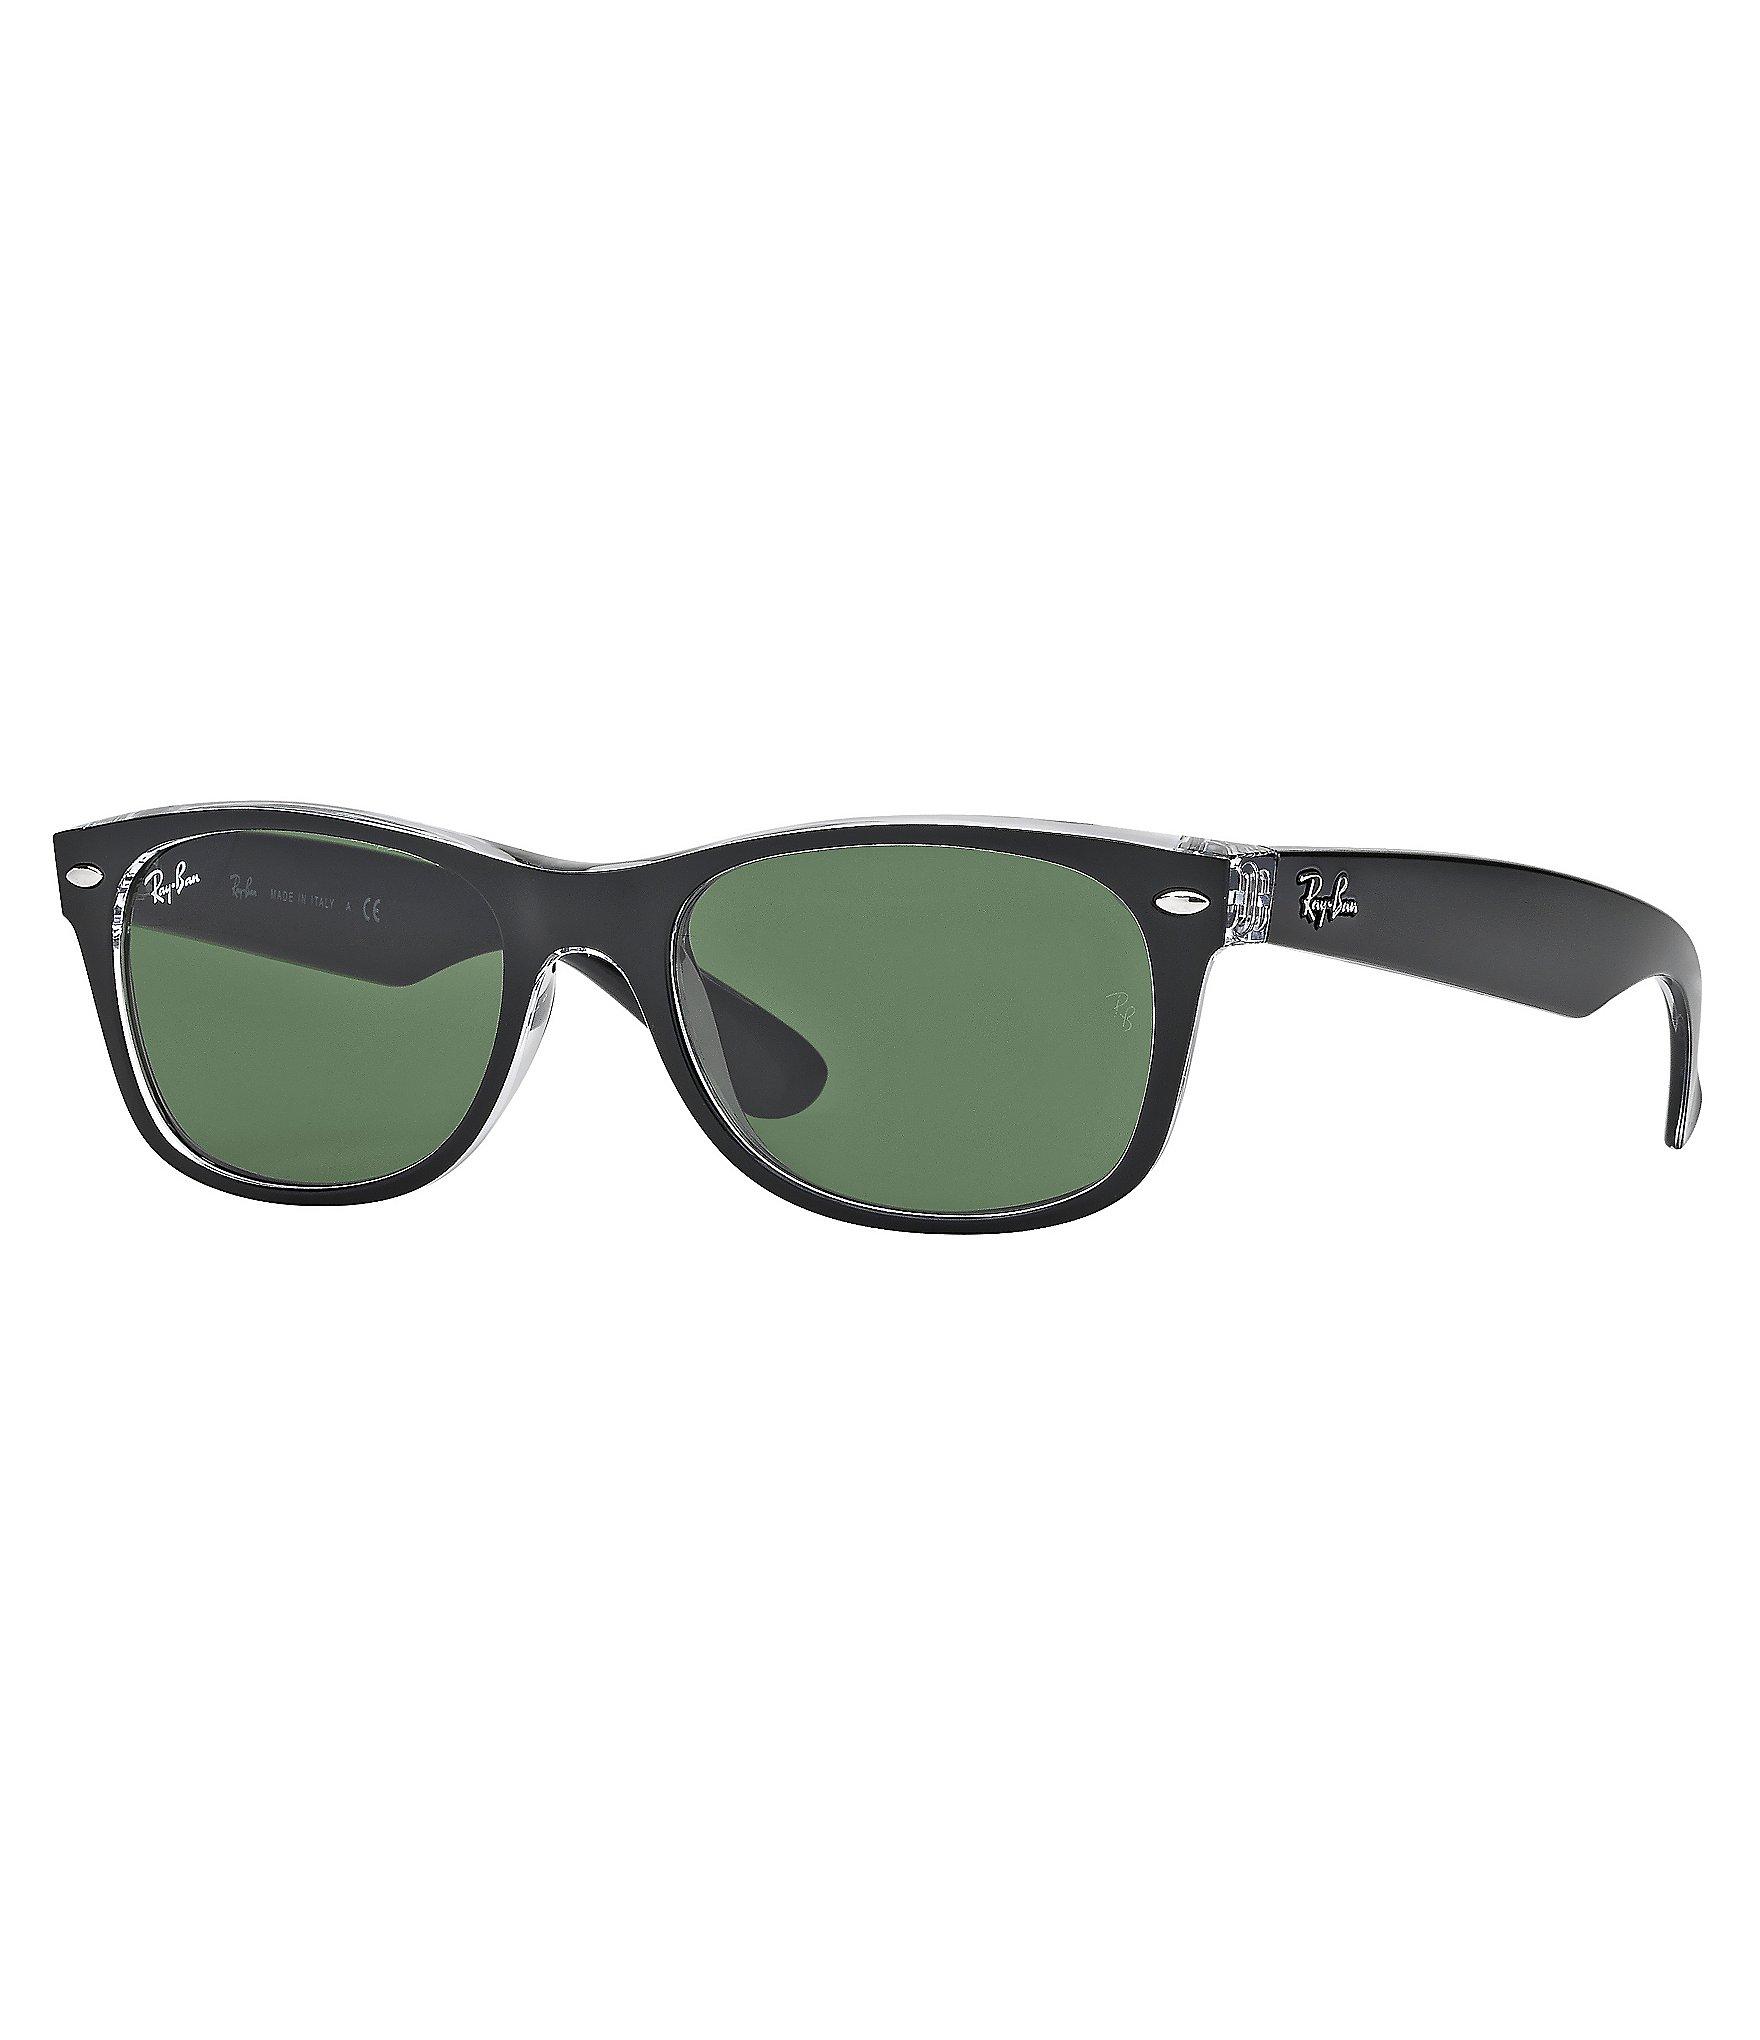 89d4a0d5b3 Ray-Ban Oversized Wayfarer Sunglasses